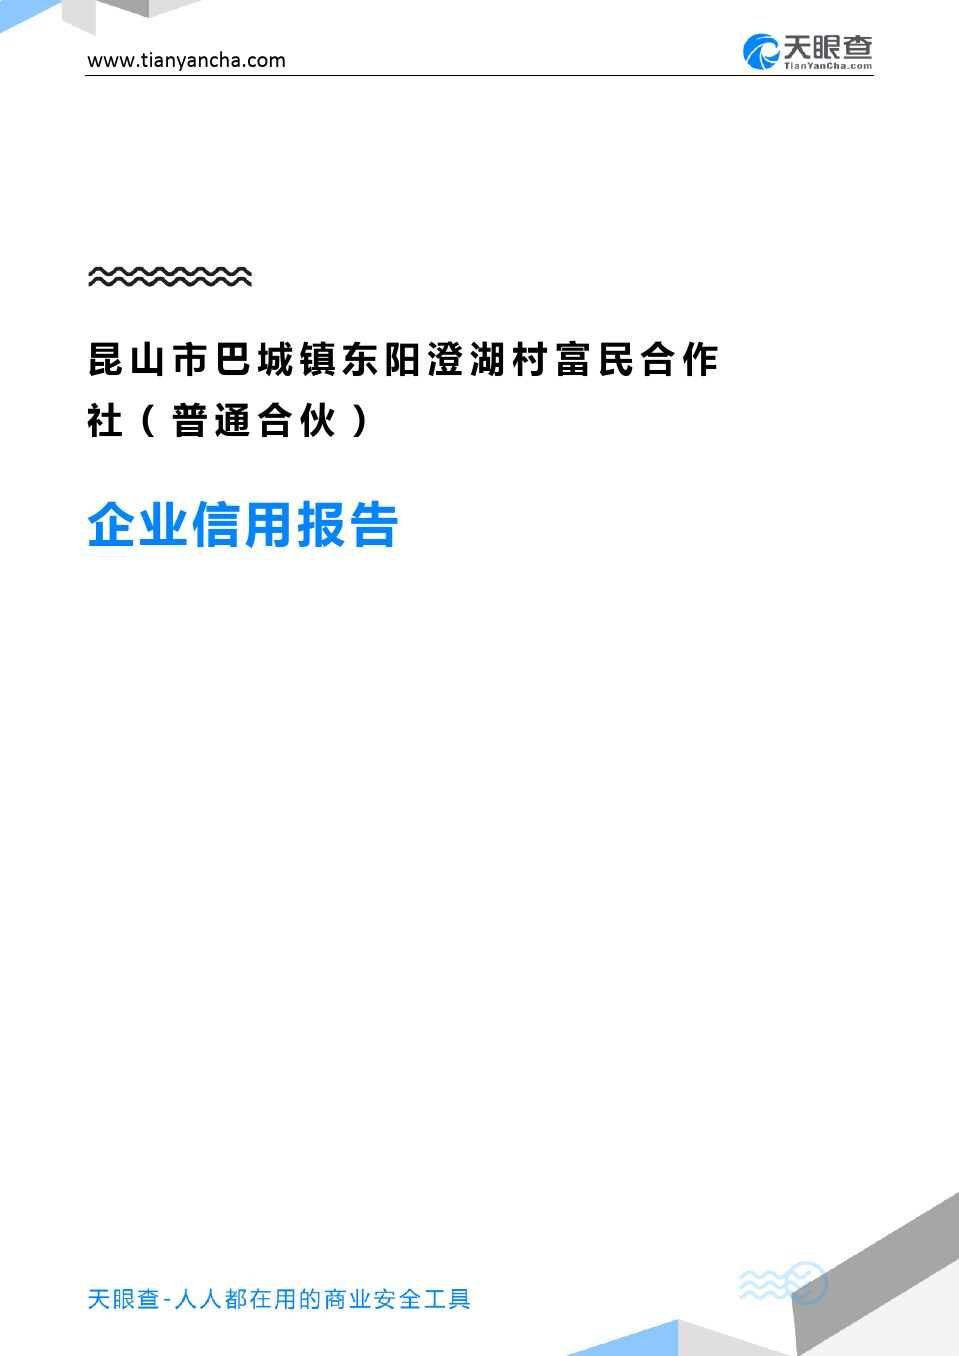 昆山市巴城镇东阳澄湖村富民合作社(普通合伙)(企业信用报告)- 天眼查